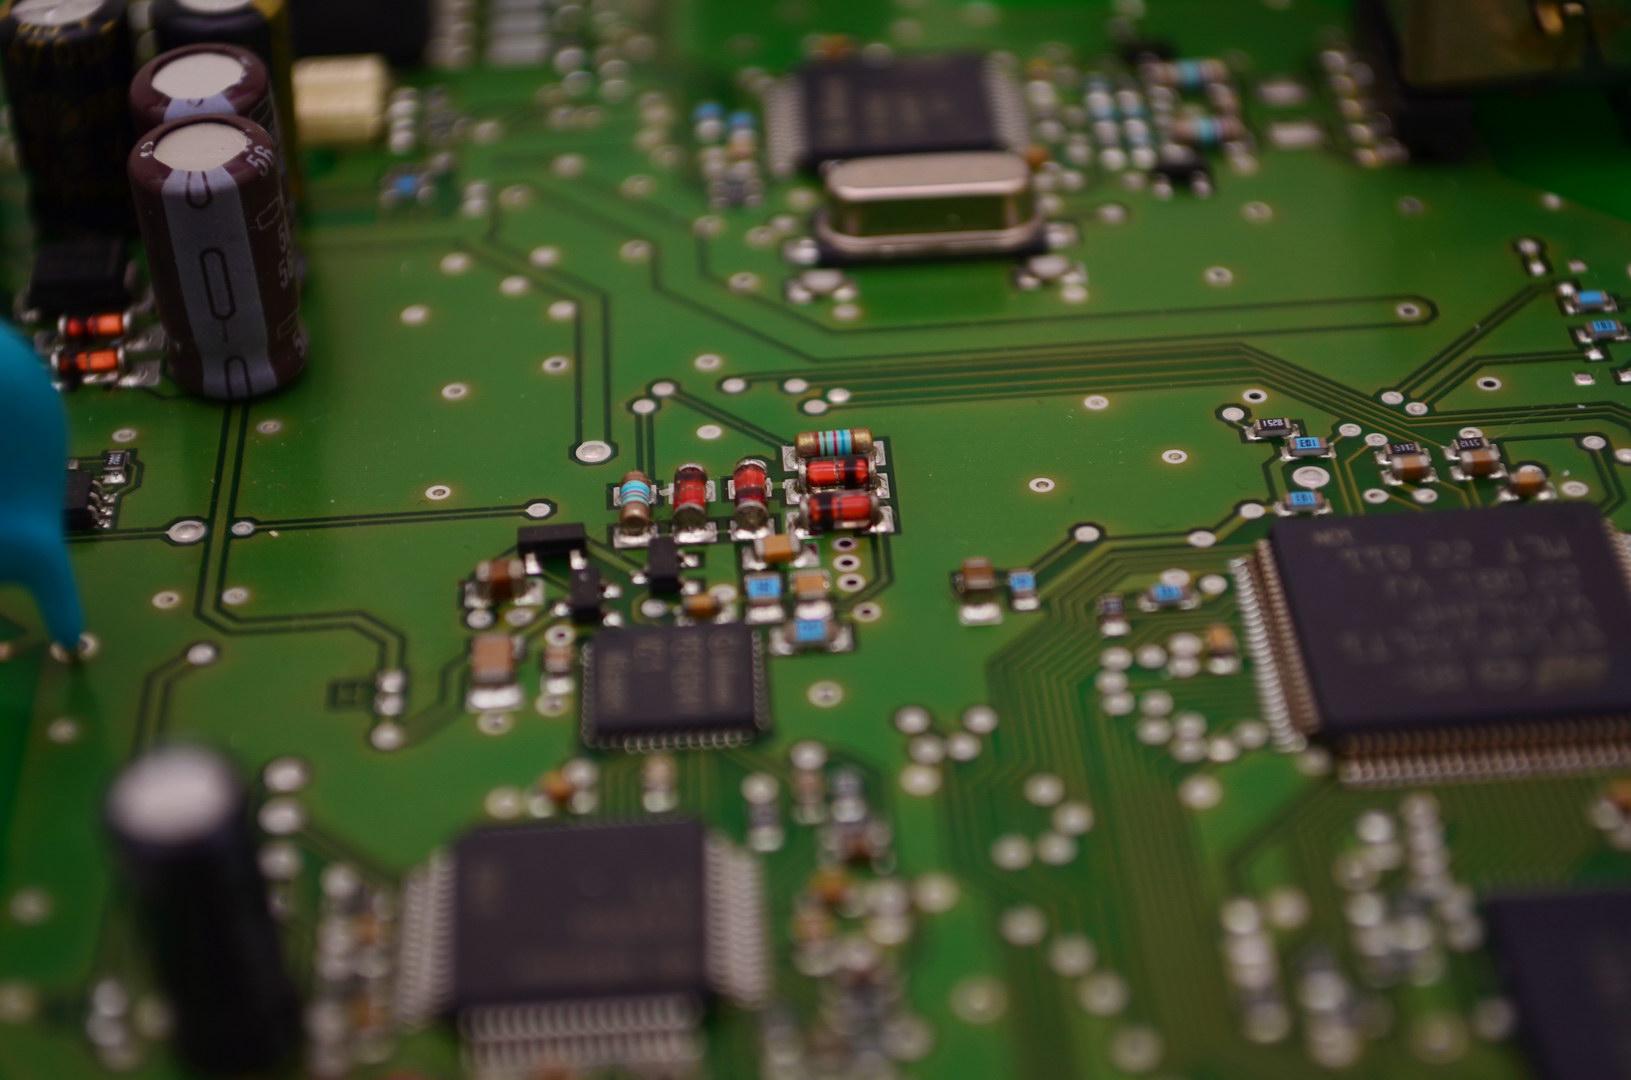 Platine Bauteile Grün Elektrotechnik Kondensatoren Chips Widerstände Leiterbahnen